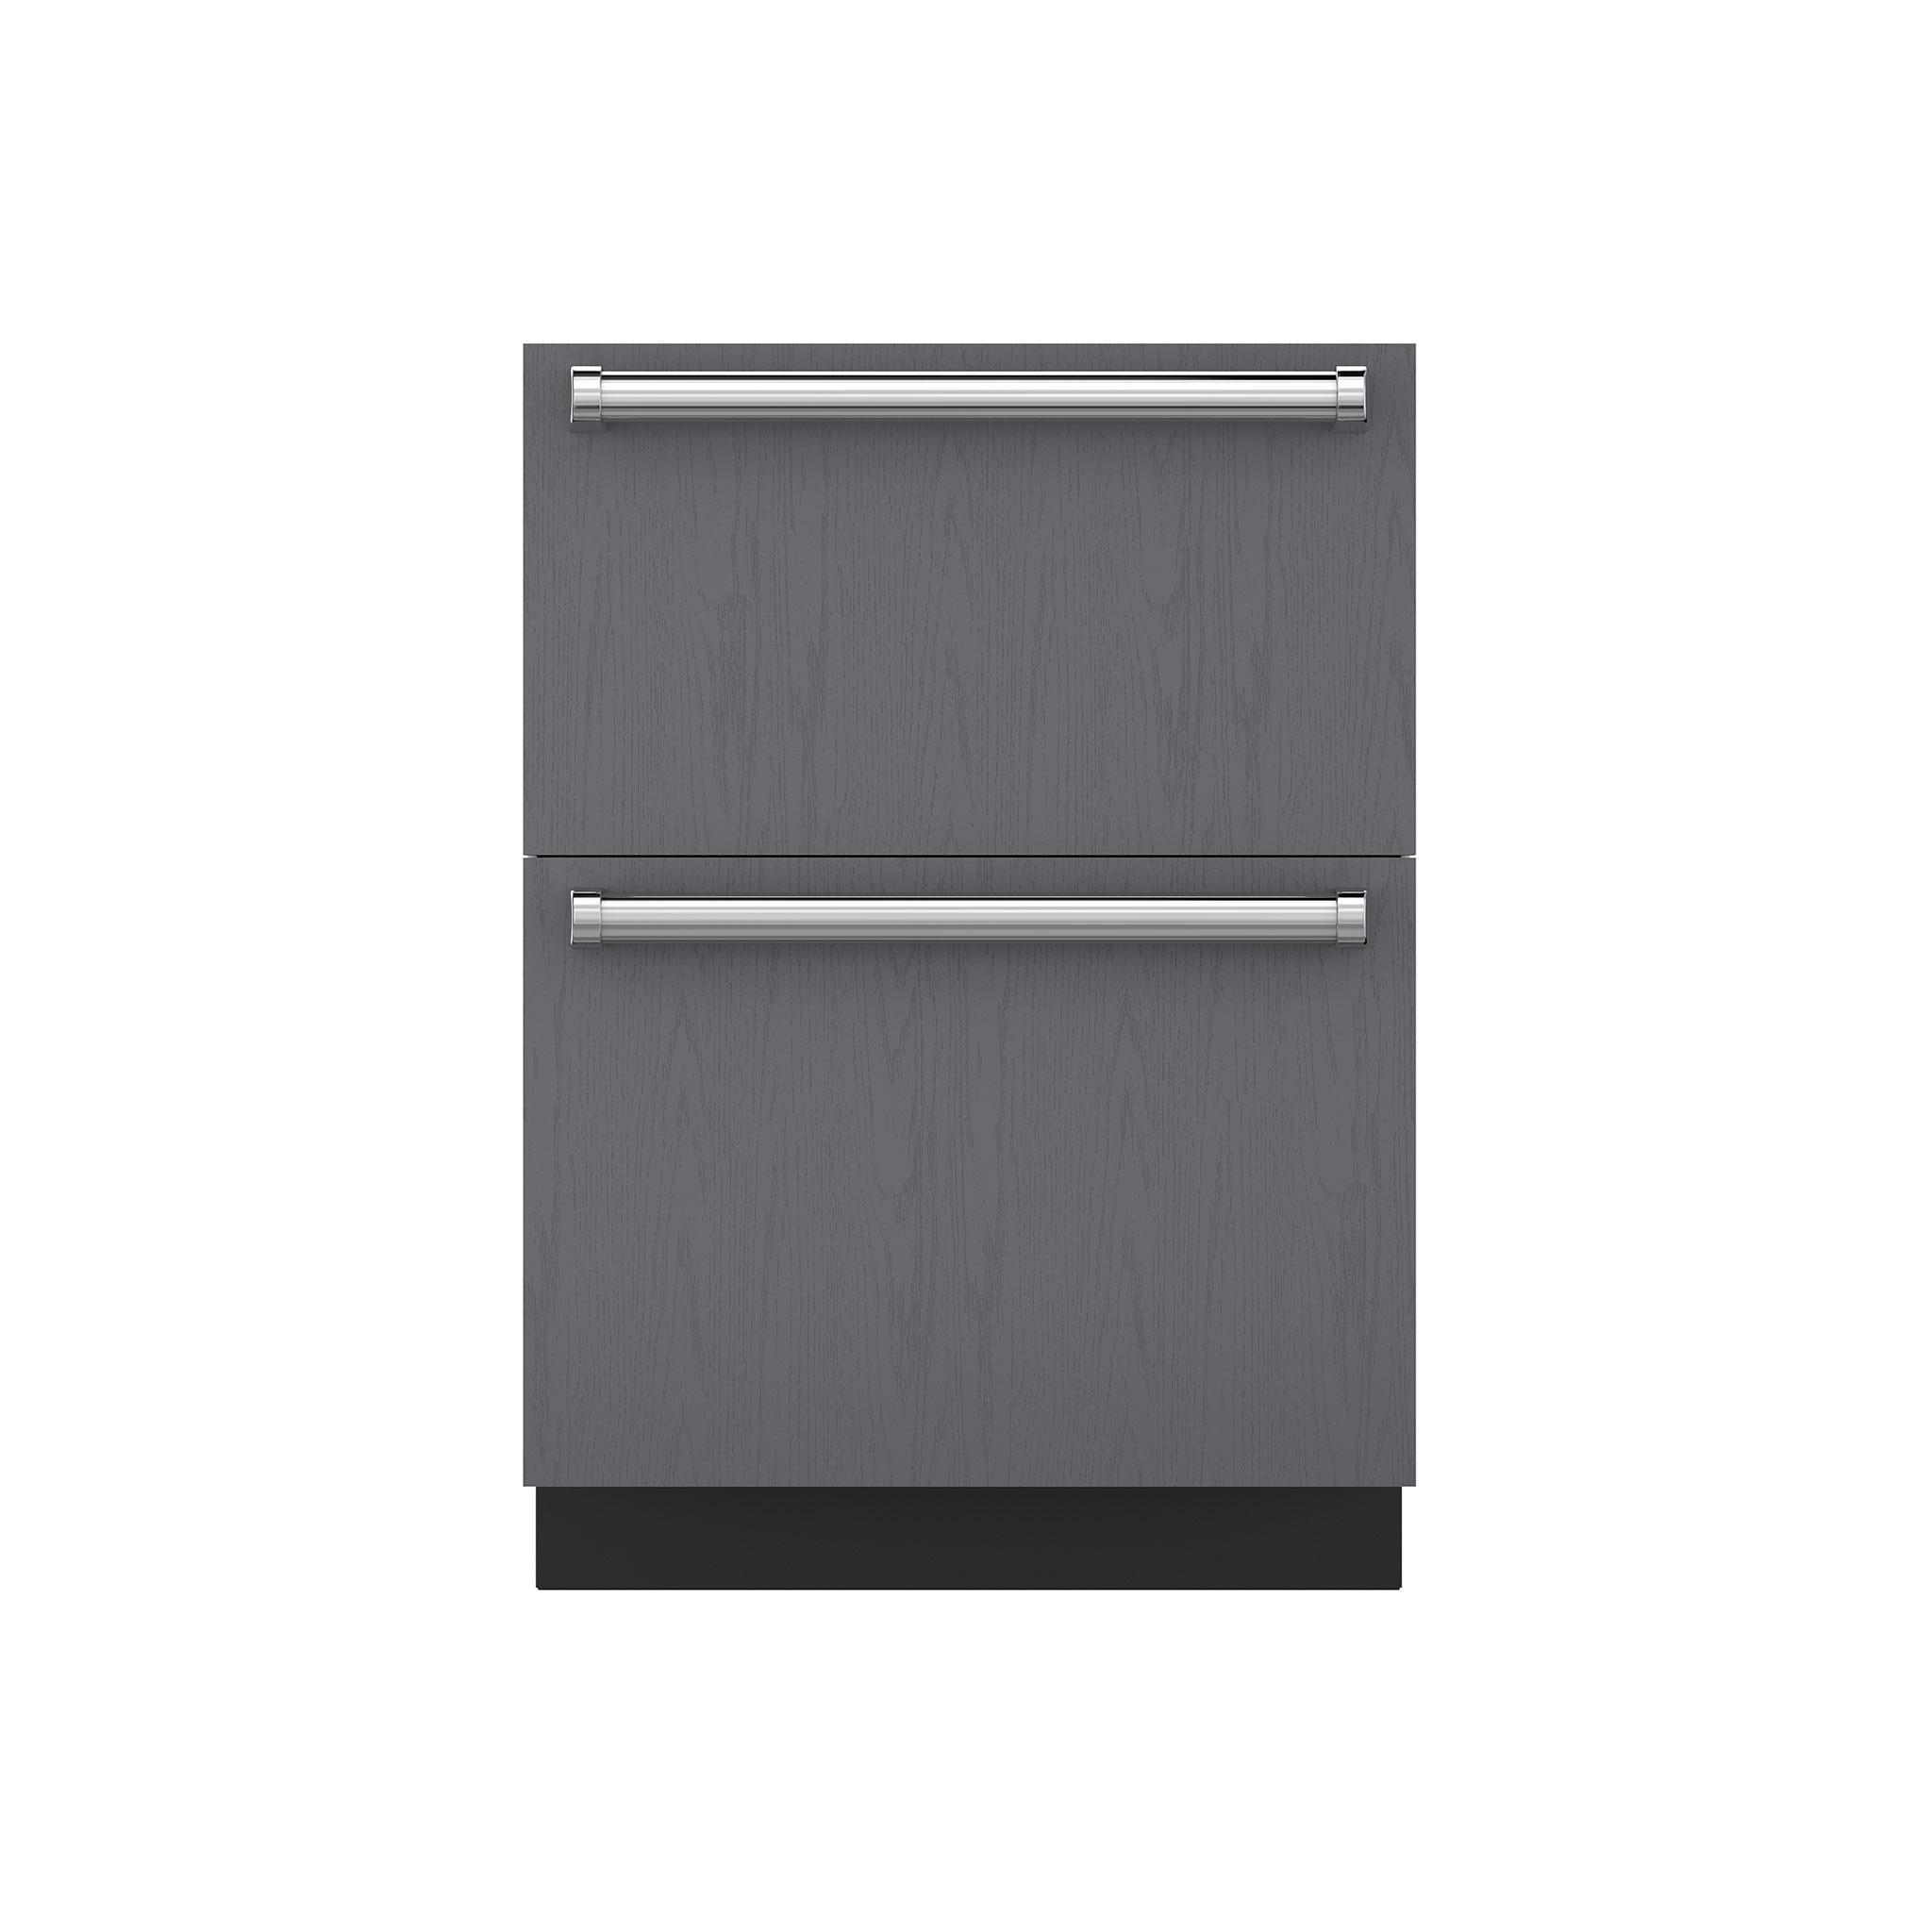 bottom gate iron handle refrigerator with sub drawers freezer zero oak at paneled pin subzero details